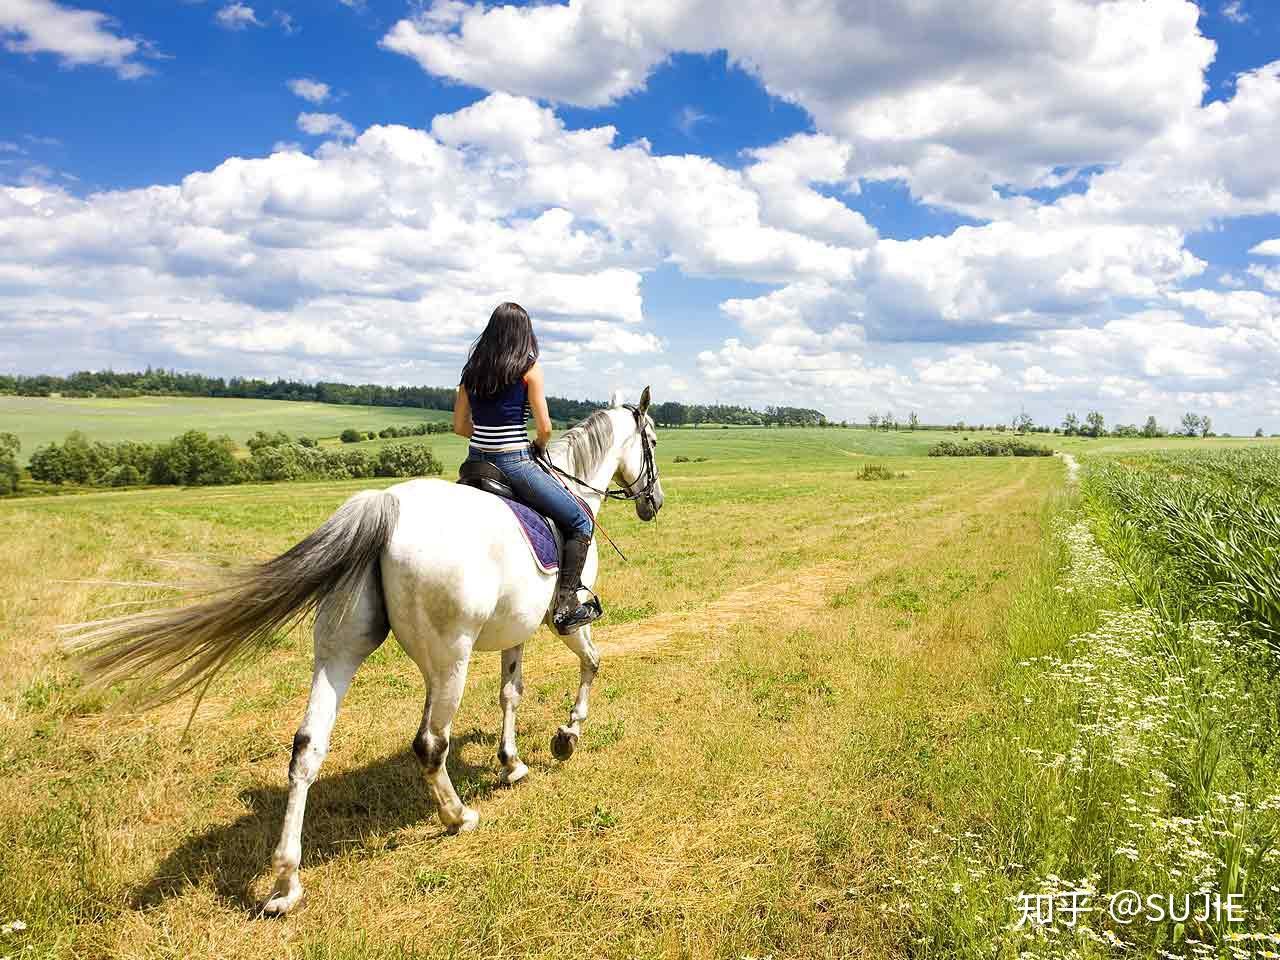 梦见自己骑大马 梦见自己骑着大马跑